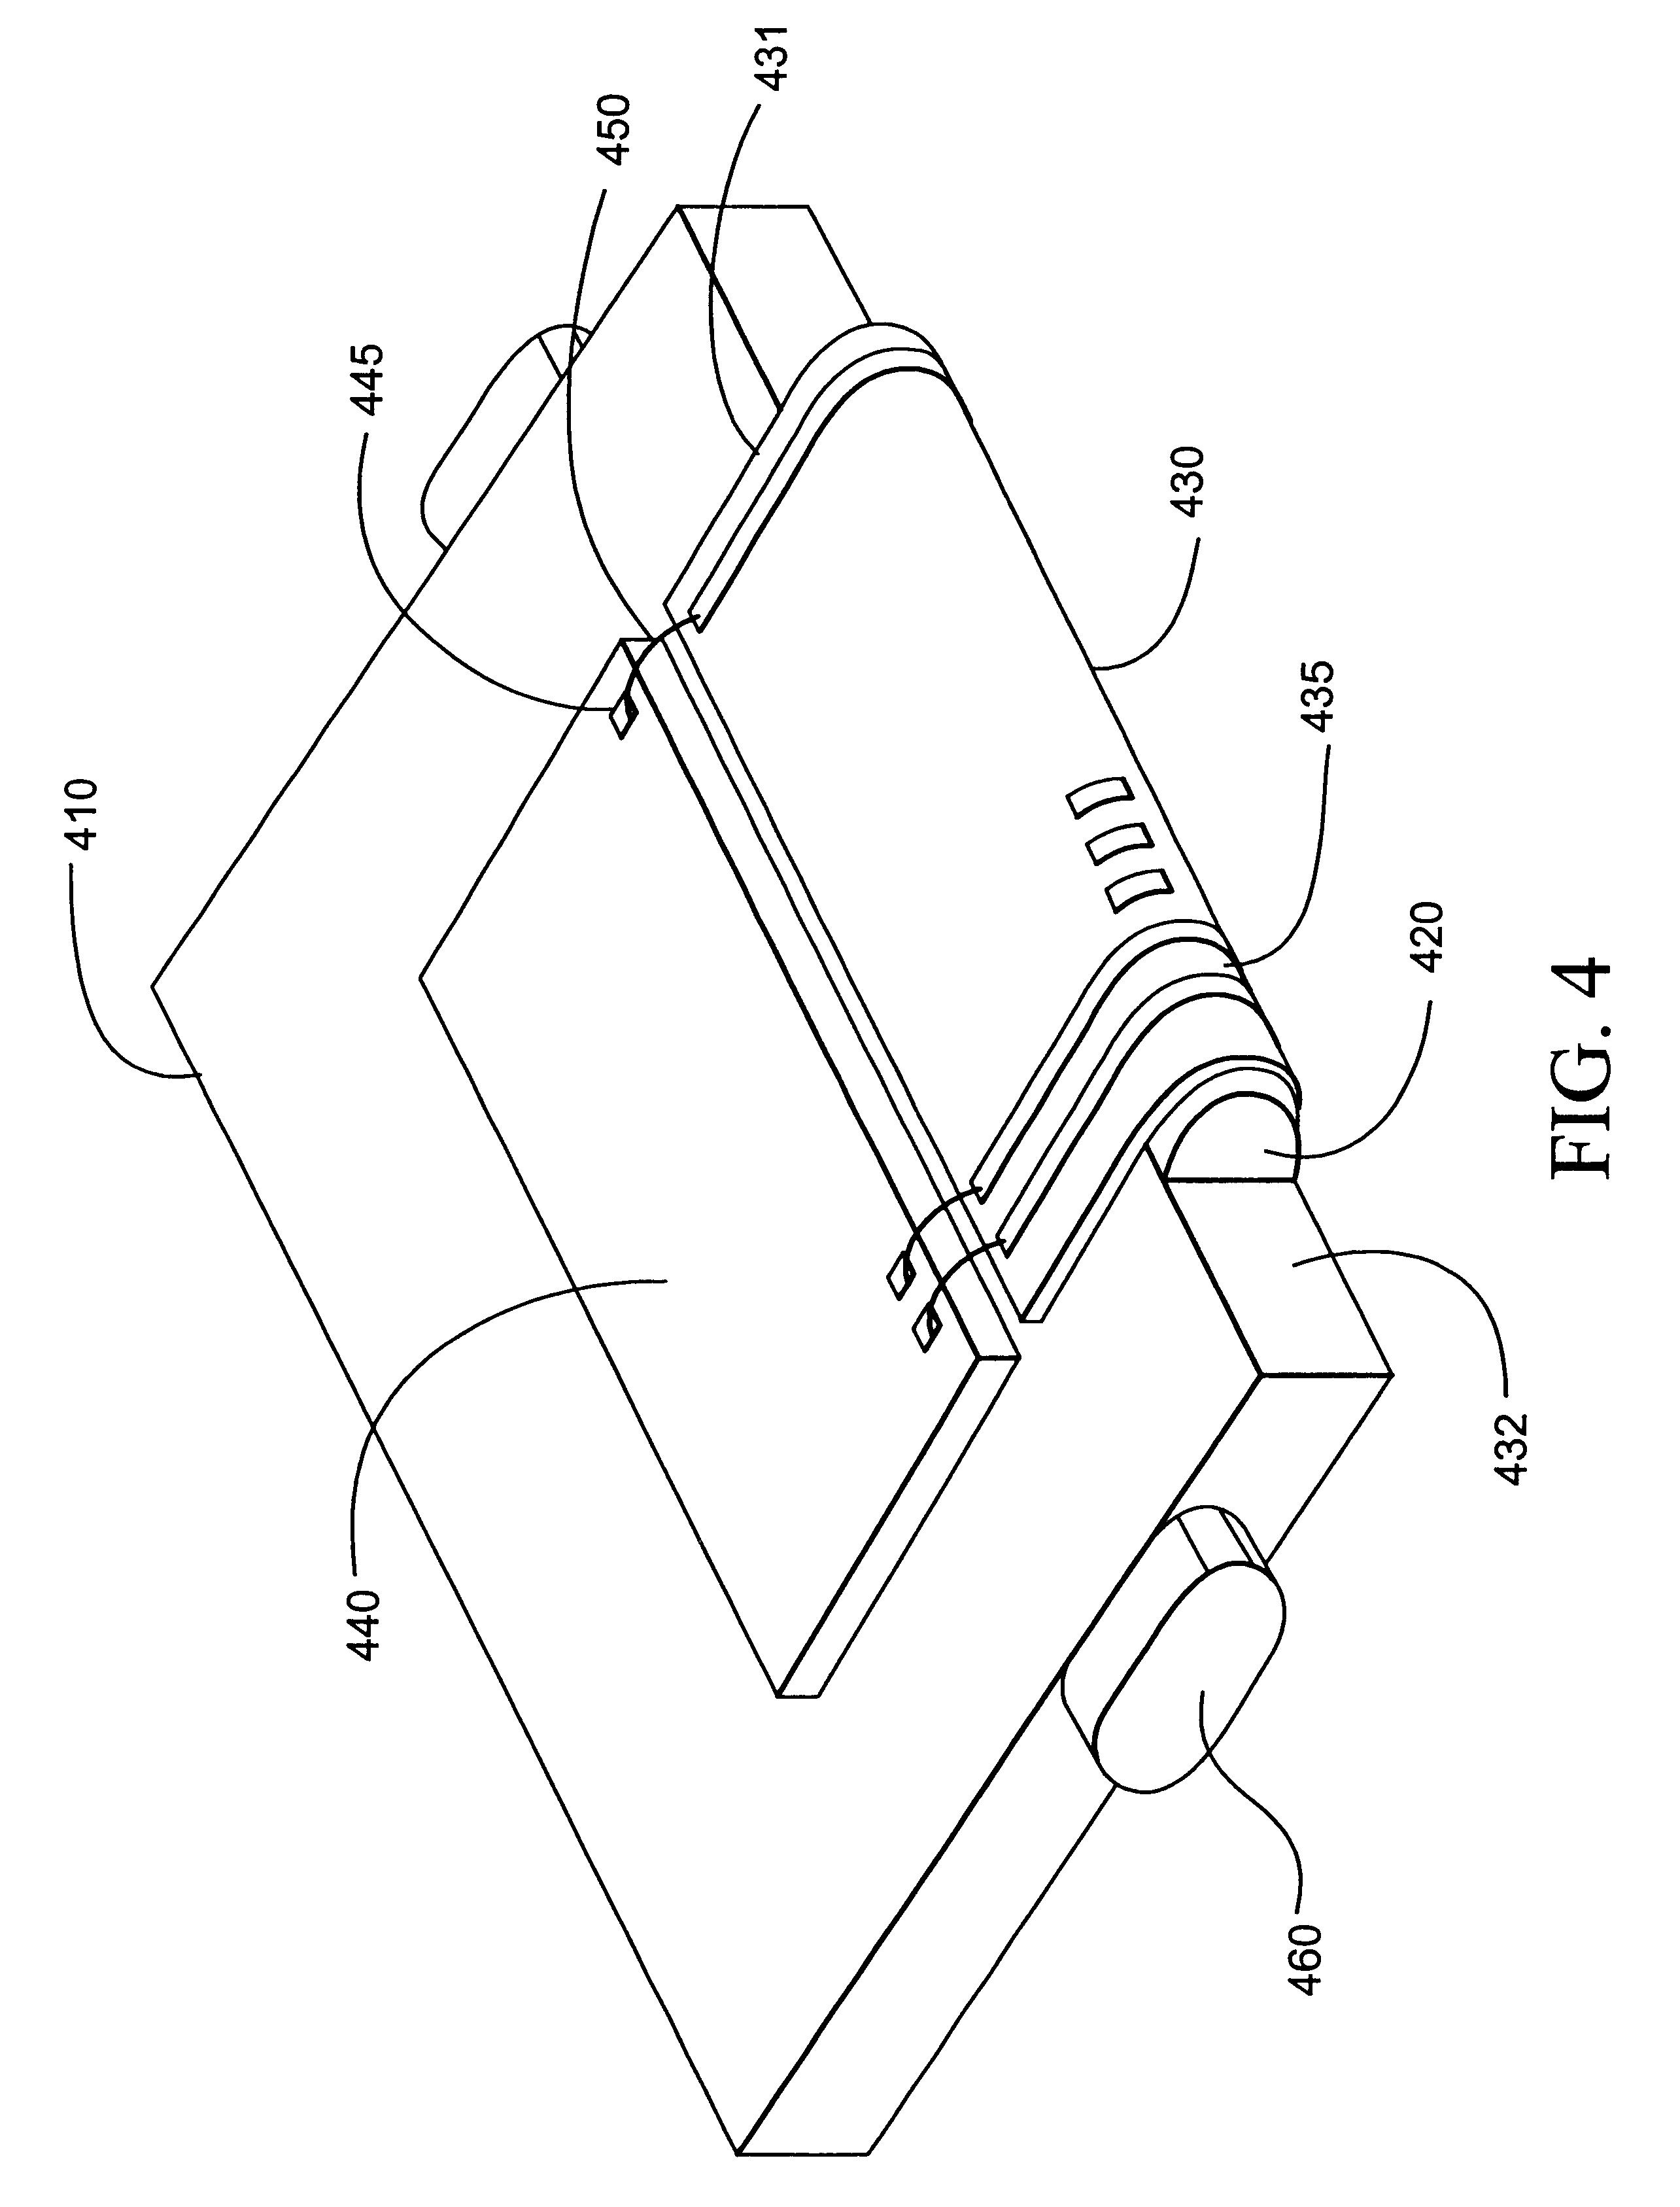 patent us6447321